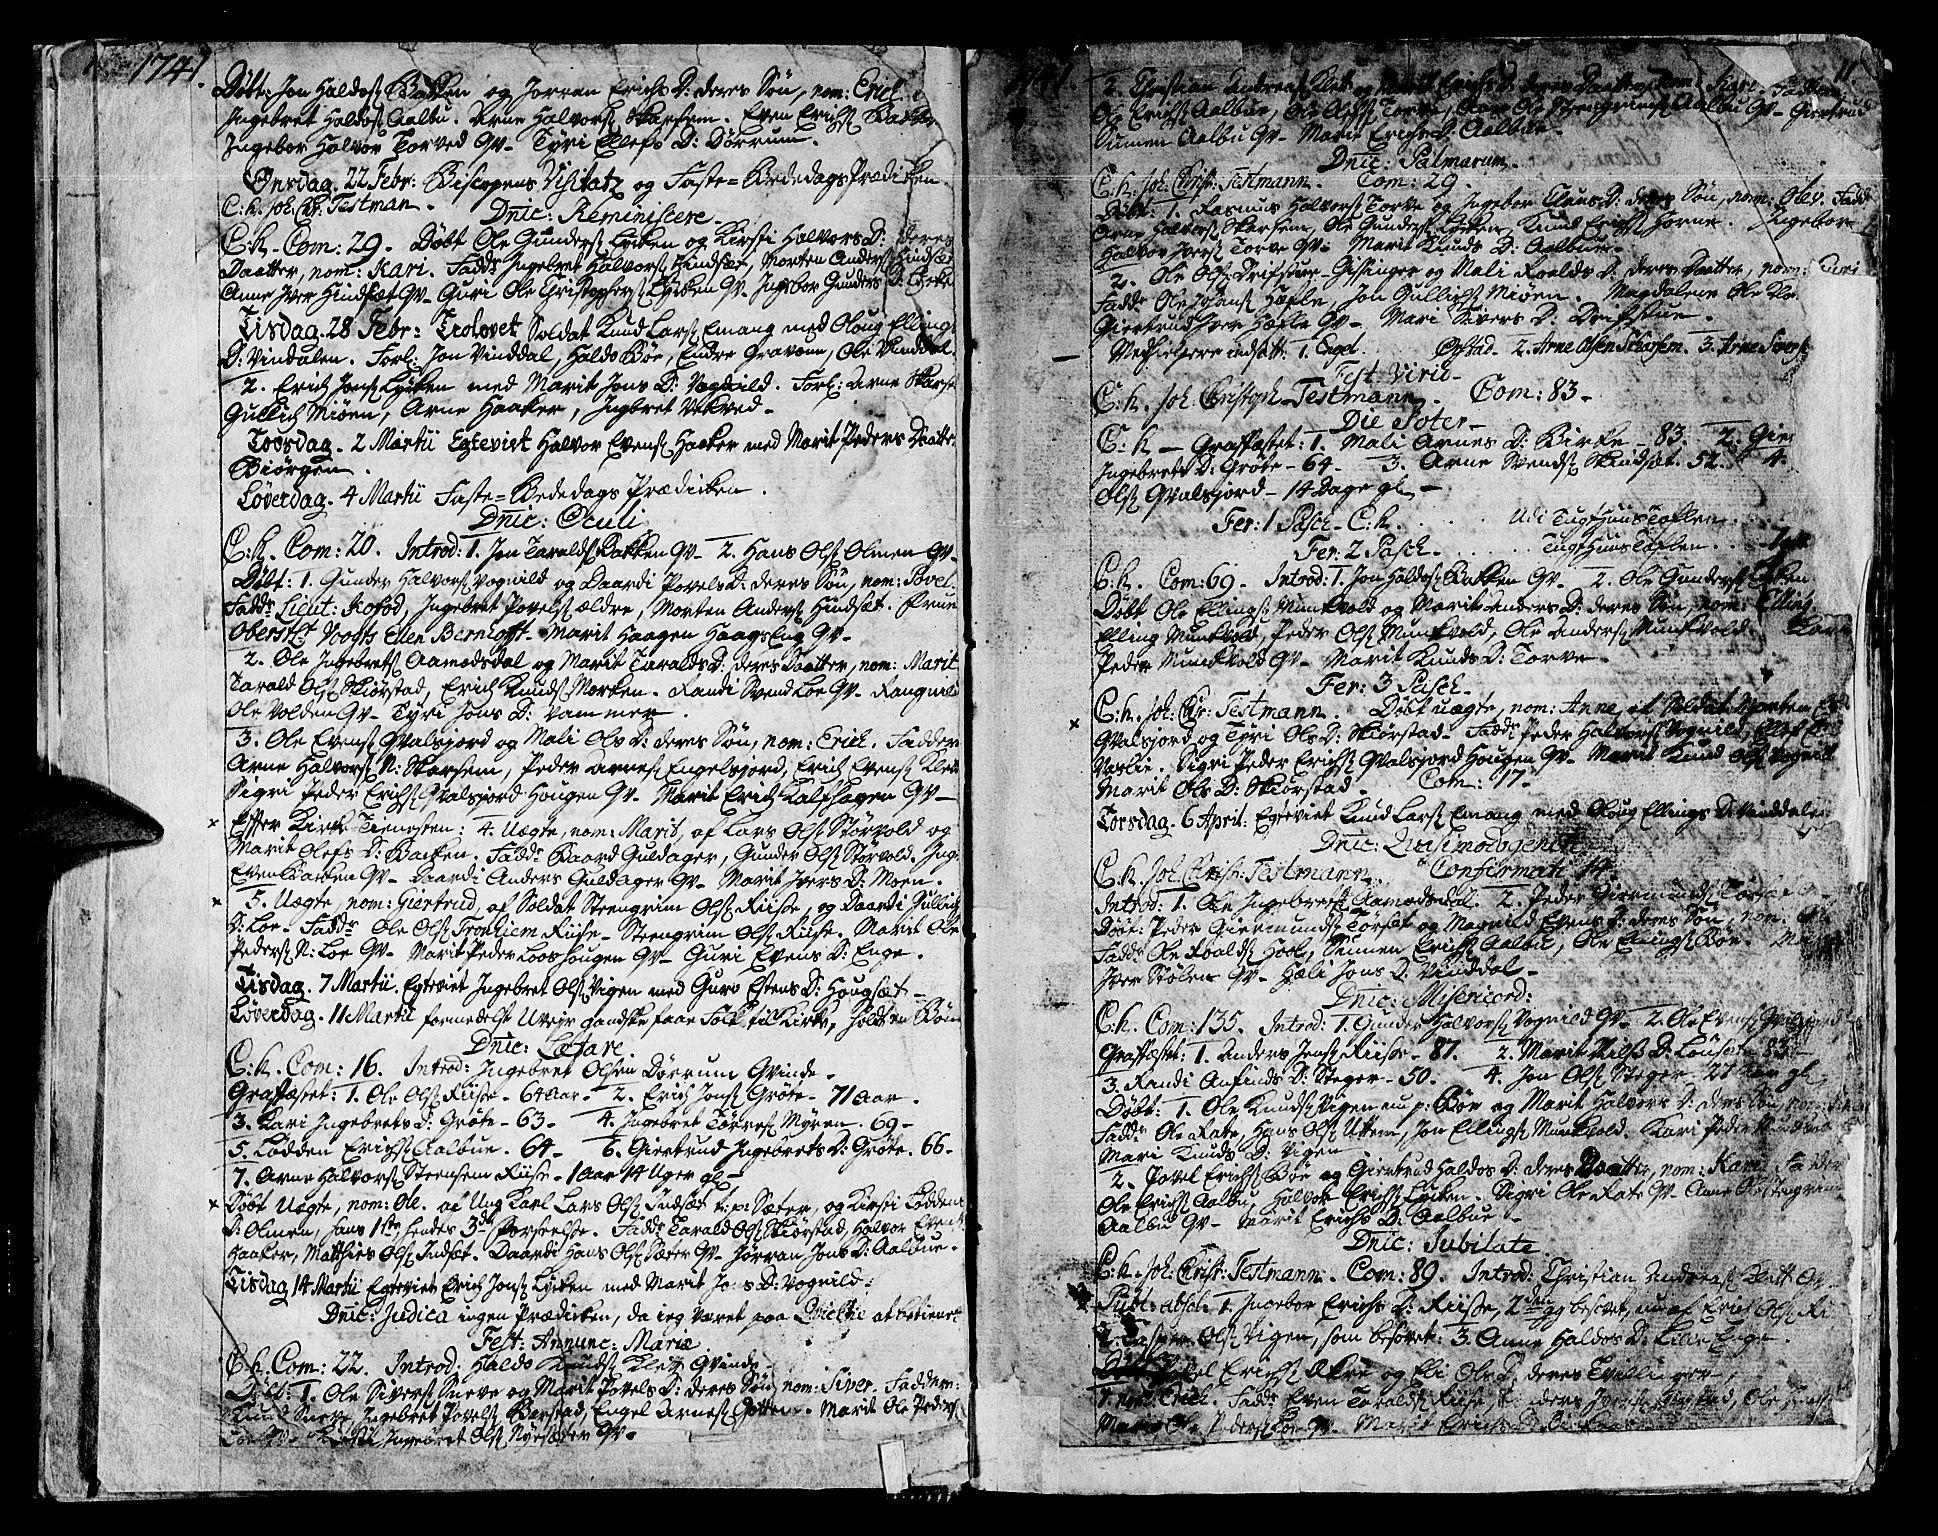 SAT, Ministerialprotokoller, klokkerbøker og fødselsregistre - Sør-Trøndelag, 678/L0891: Ministerialbok nr. 678A01, 1739-1780, s. 11